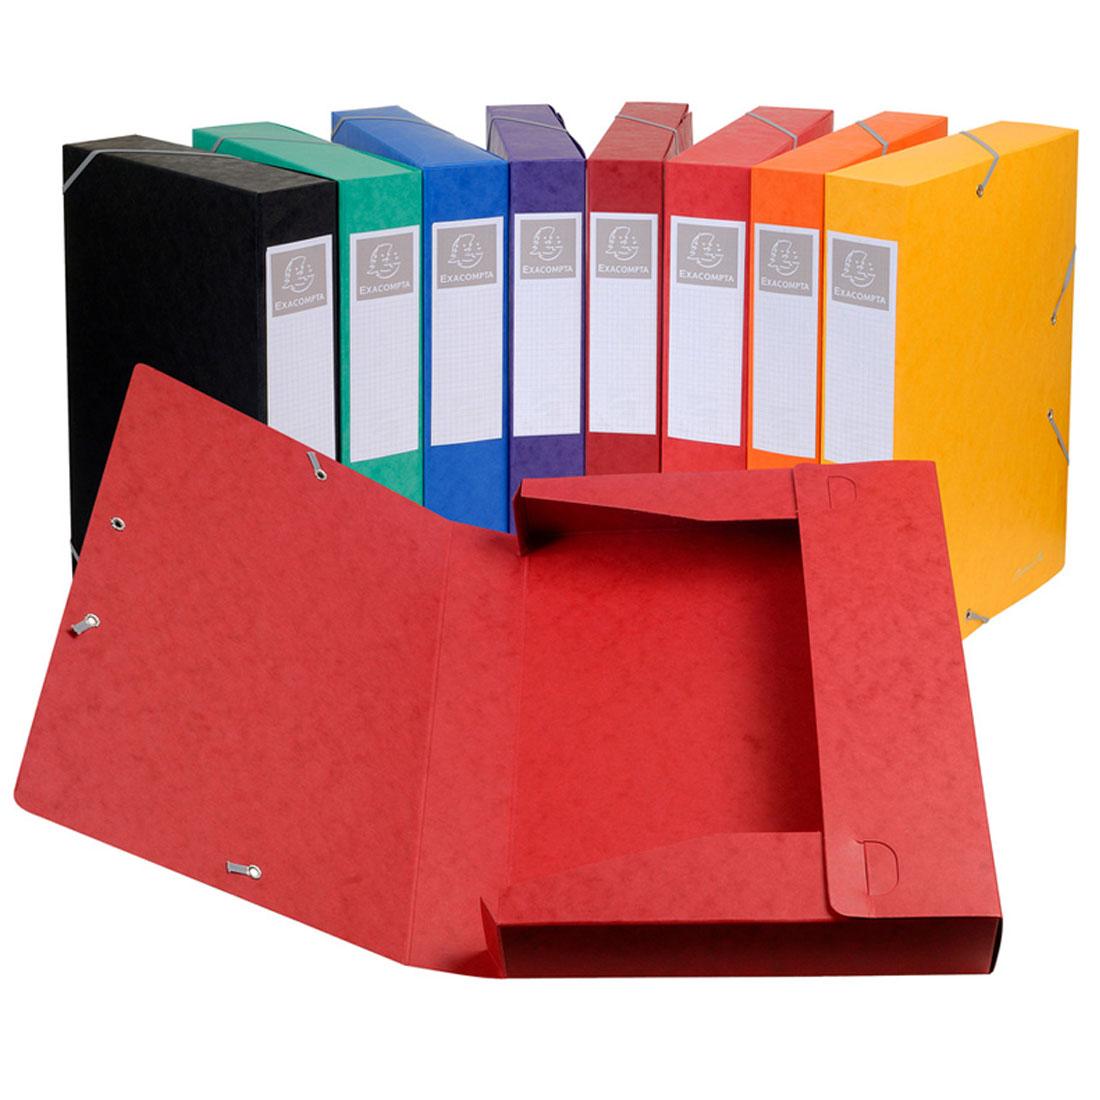 exacompta boites de classement cartobox dos 50 mm assortis. Black Bedroom Furniture Sets. Home Design Ideas